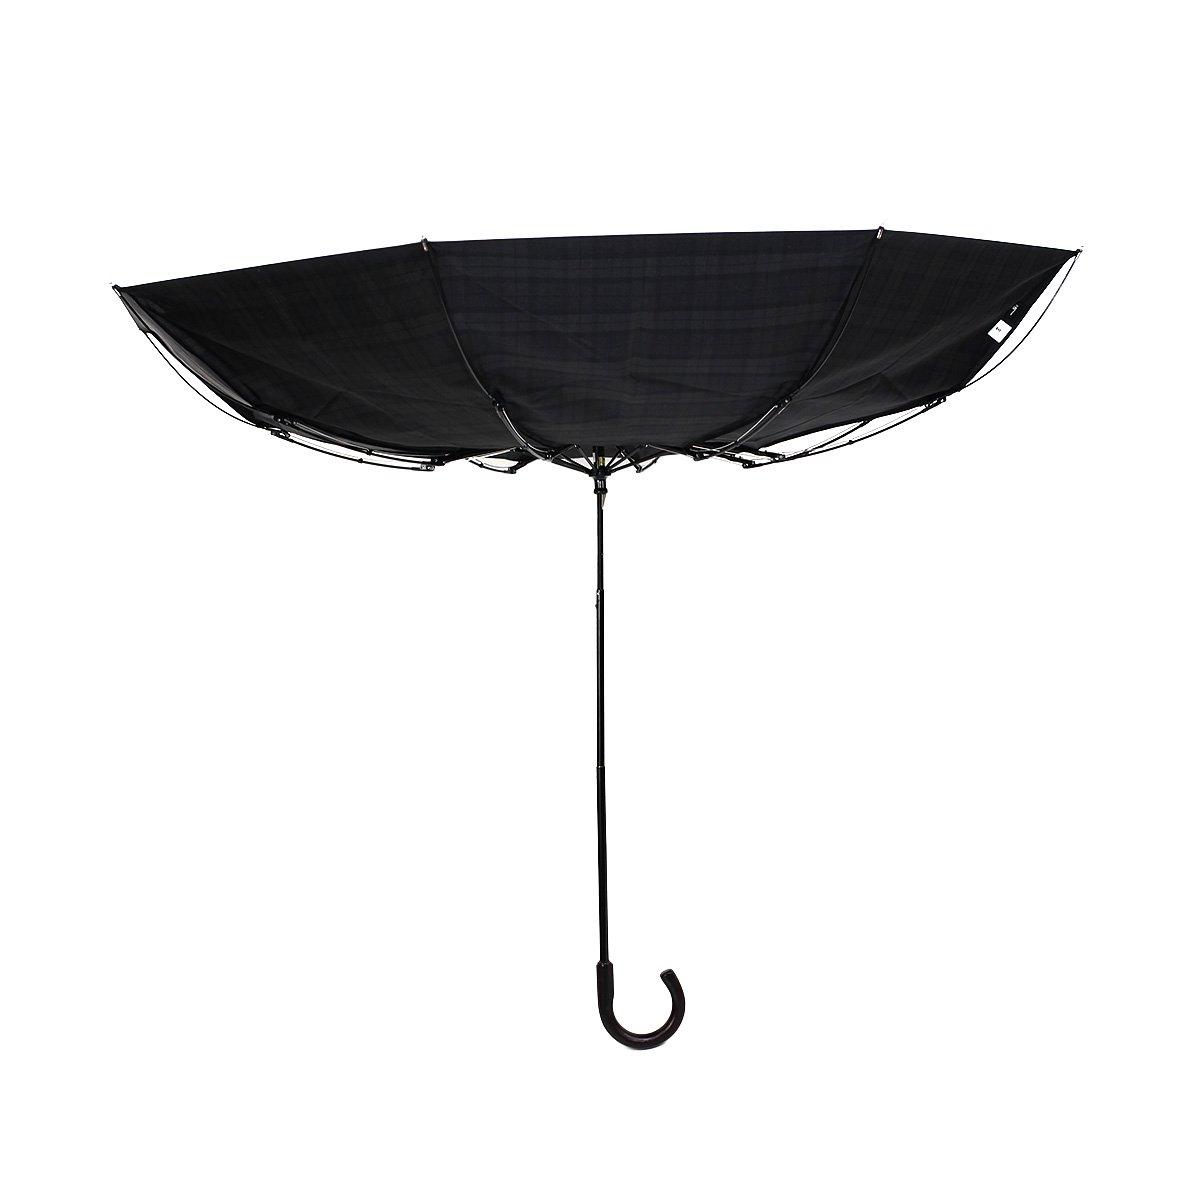 レイン ストライプ 耐風骨 折りたたみ傘 詳細画像9